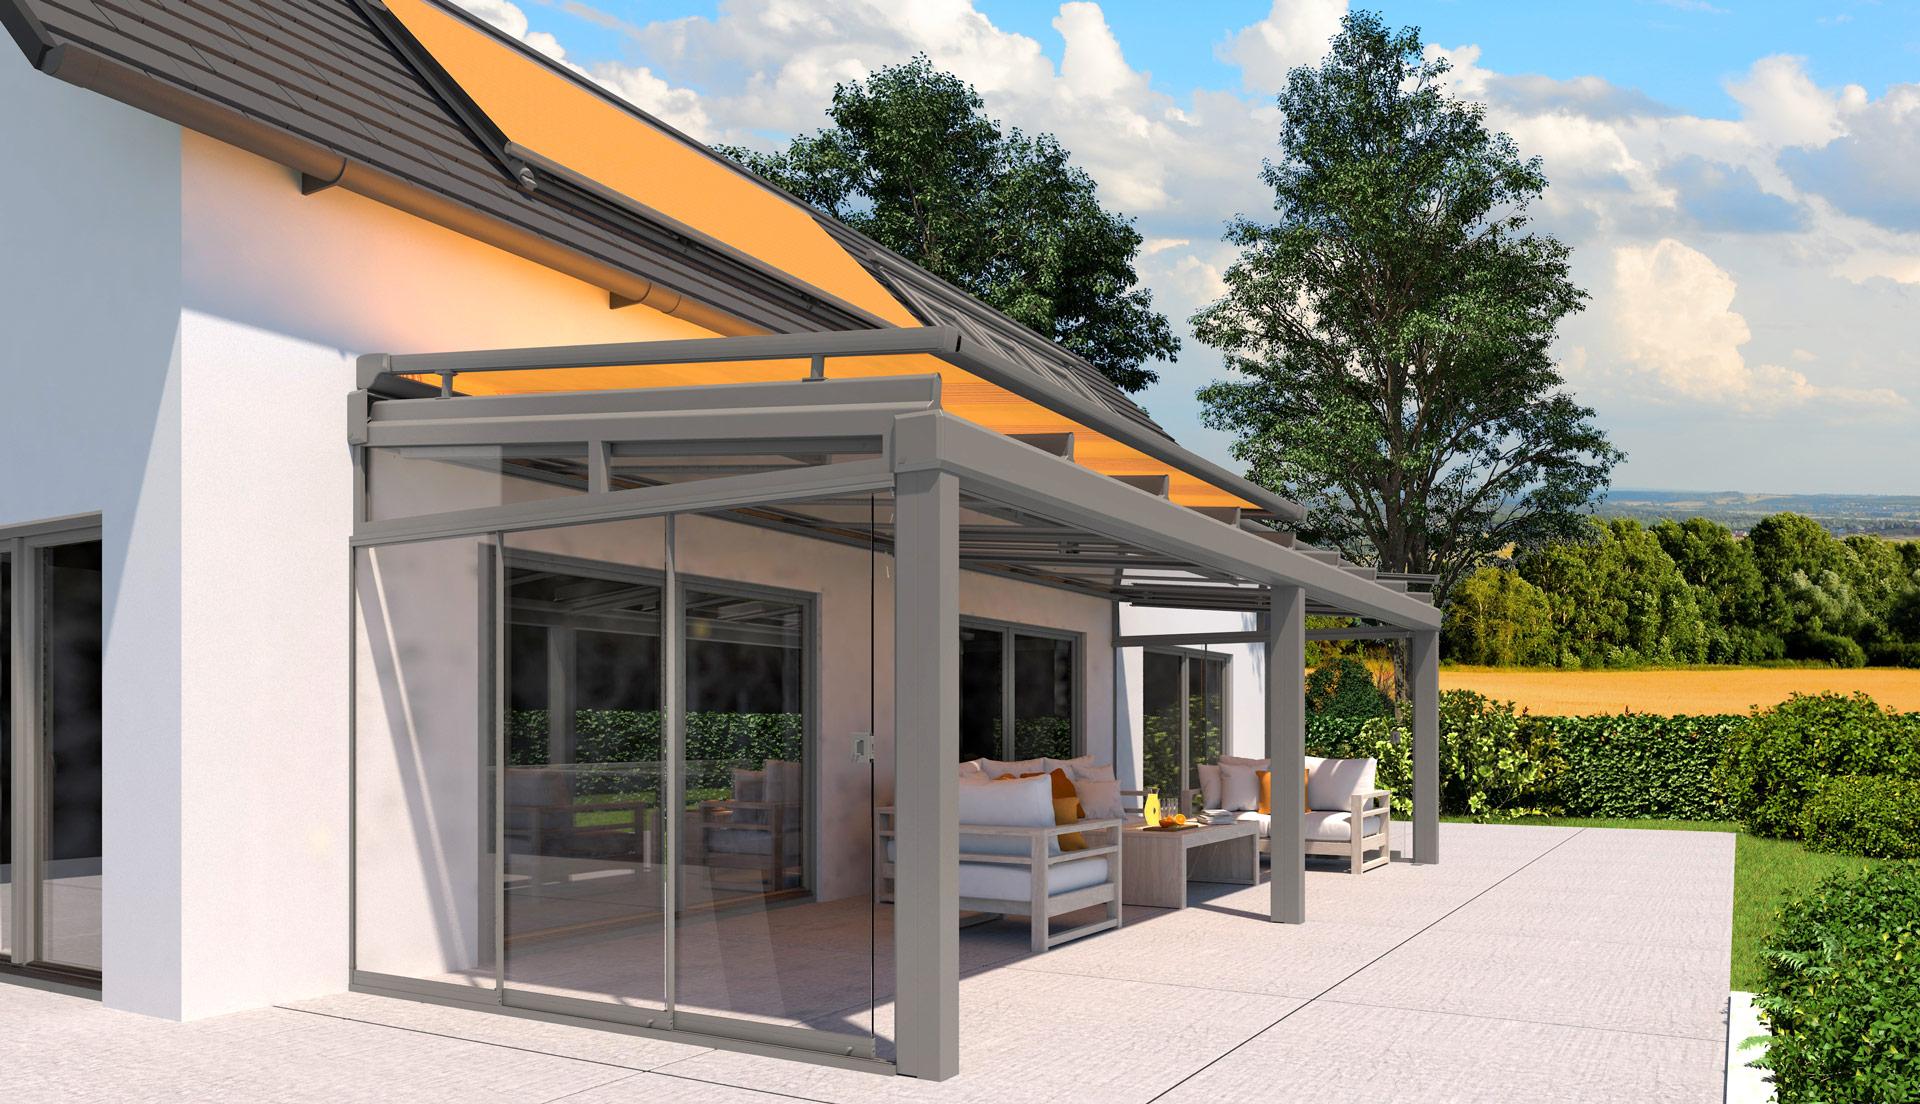 HS 06 a   graue Aufdachmarkise mit orangem Stoff, offen, auf Terrassendach & Dachfenstern   Svoboda